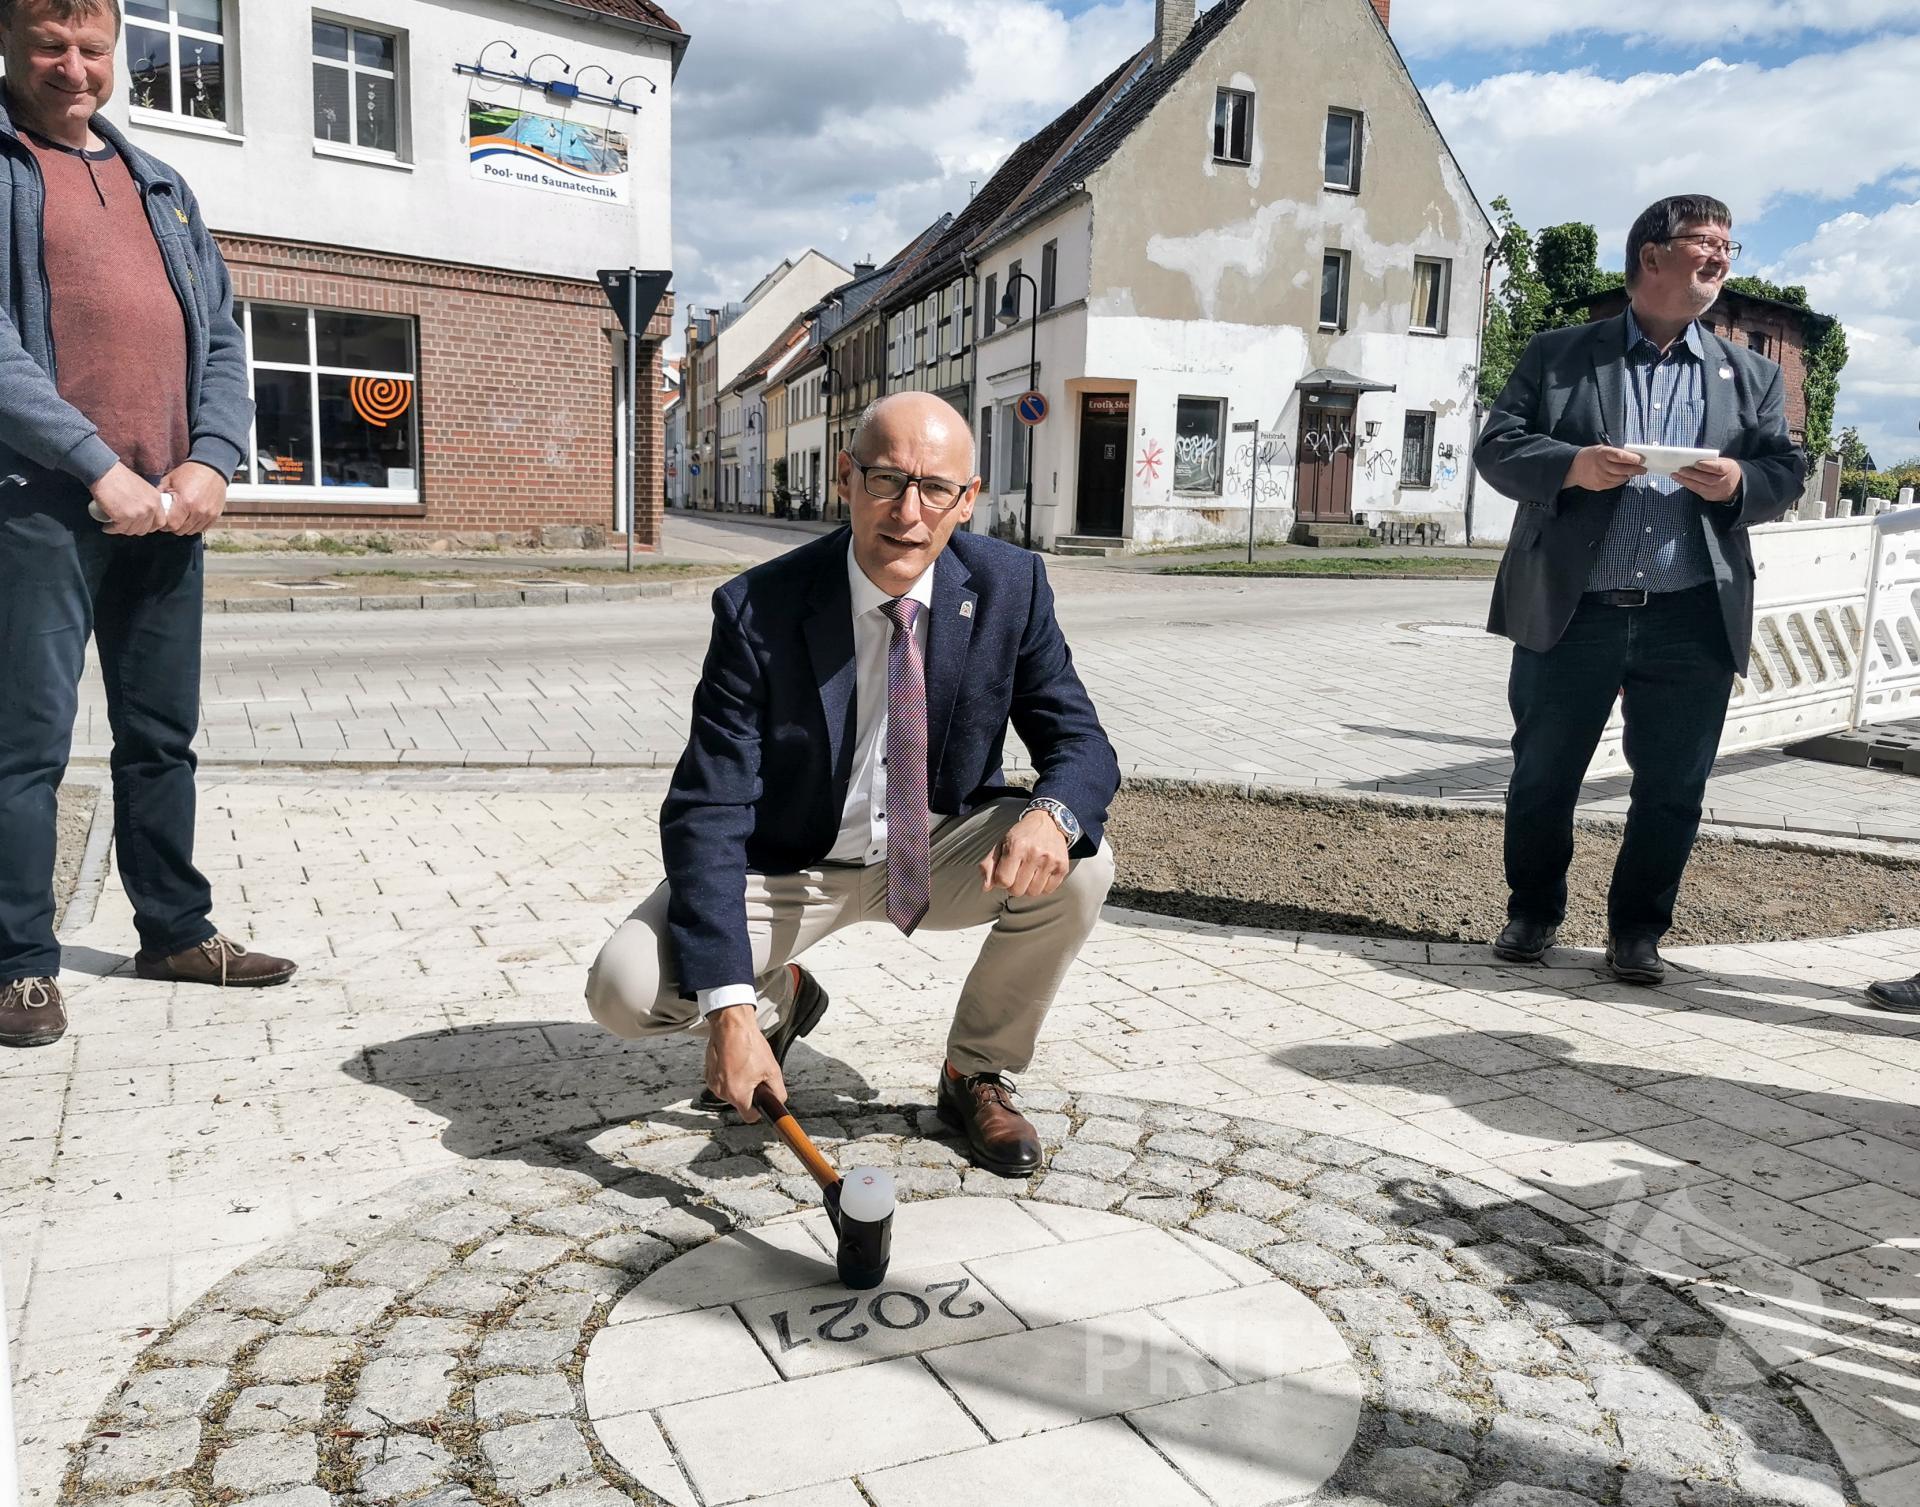 Mit dem traditionellen Schlussstein beendete Bürgermeister Dr. Ronald Thiel die Baumaßnahme. Foto: Katja Zeiger